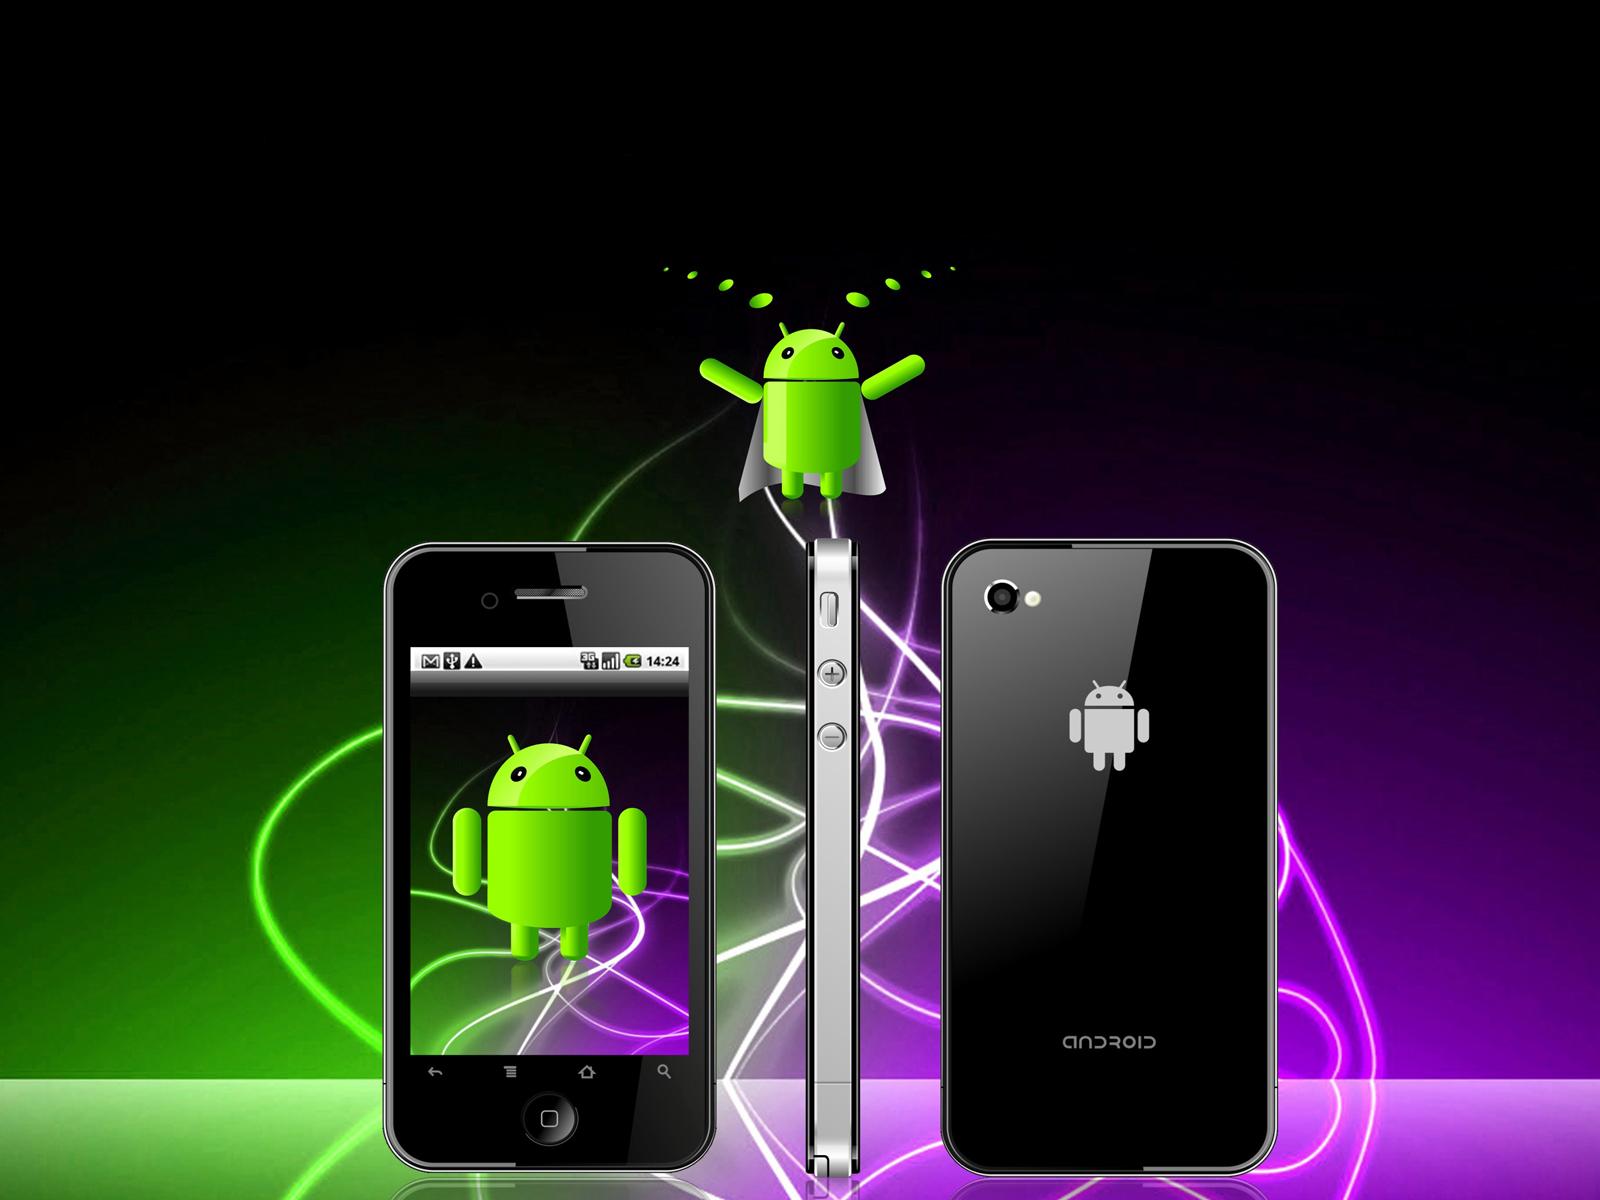 Android Best Phone Wallpaper HD 5160 Wallpaper ForWallpaperscom 1600x1200